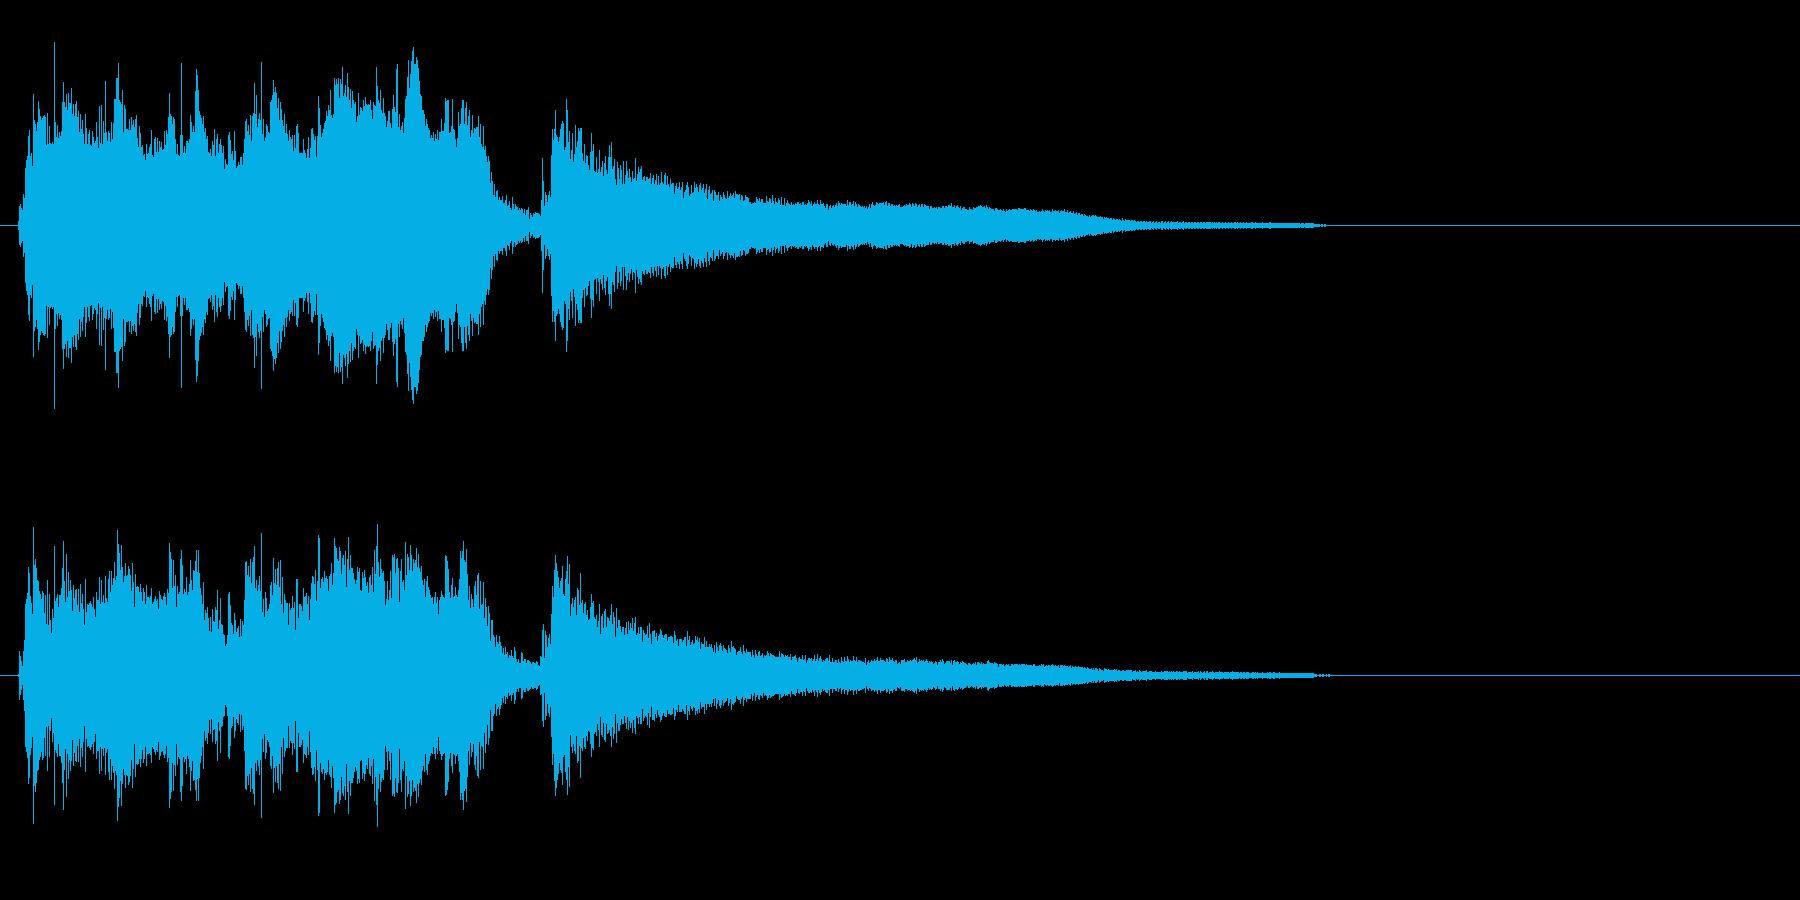 エーゲ海を臨むような異国風のジングルの再生済みの波形